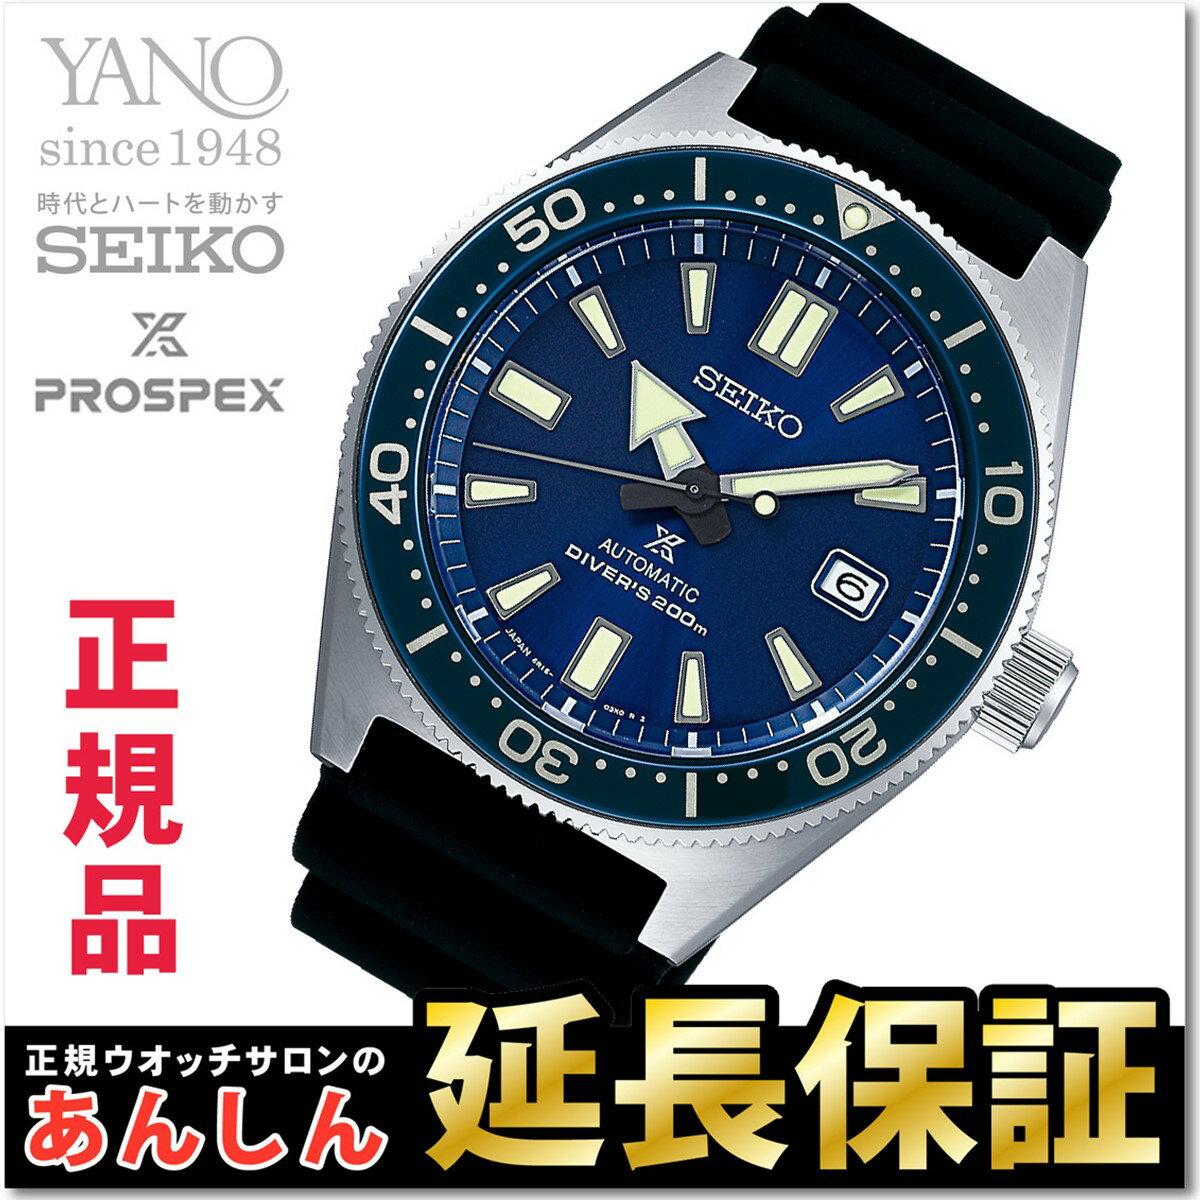 【スーパーSALEクーポンでお得!】【ノベルティ付き♪】セイコー プロスペックス SBDC053 ダイバースキューバ ヒストリカルコレクション メカニカル 自動巻き 腕時計 メンズ SEIKO PROSPEX 【正規品】【0717】_10spl